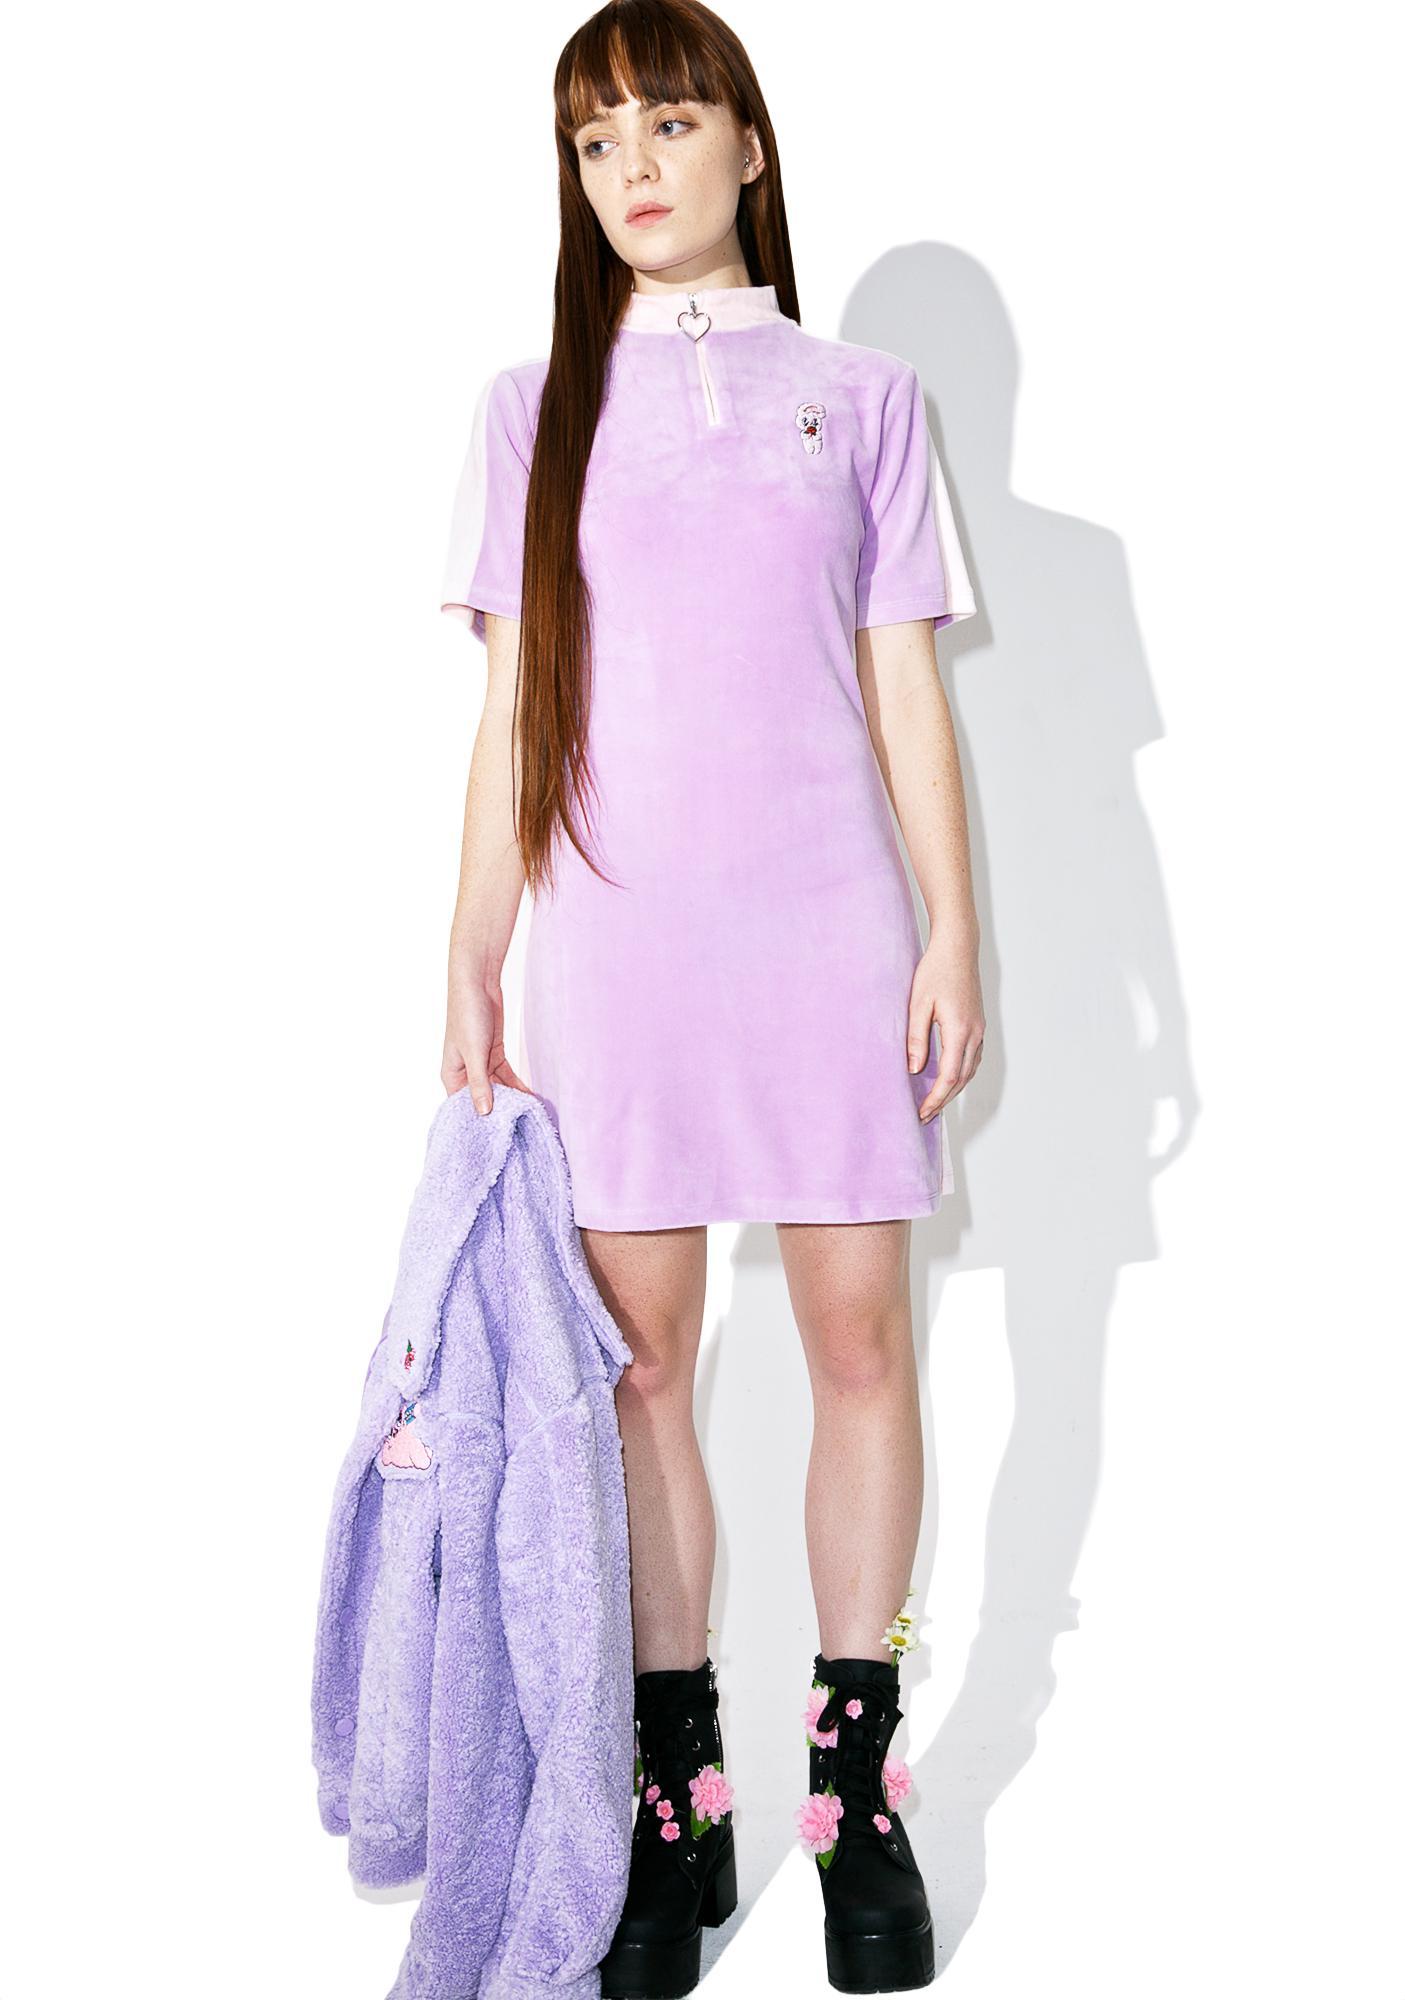 Lazy Oaf Esther Loves Oaf Sports Bunny Dress